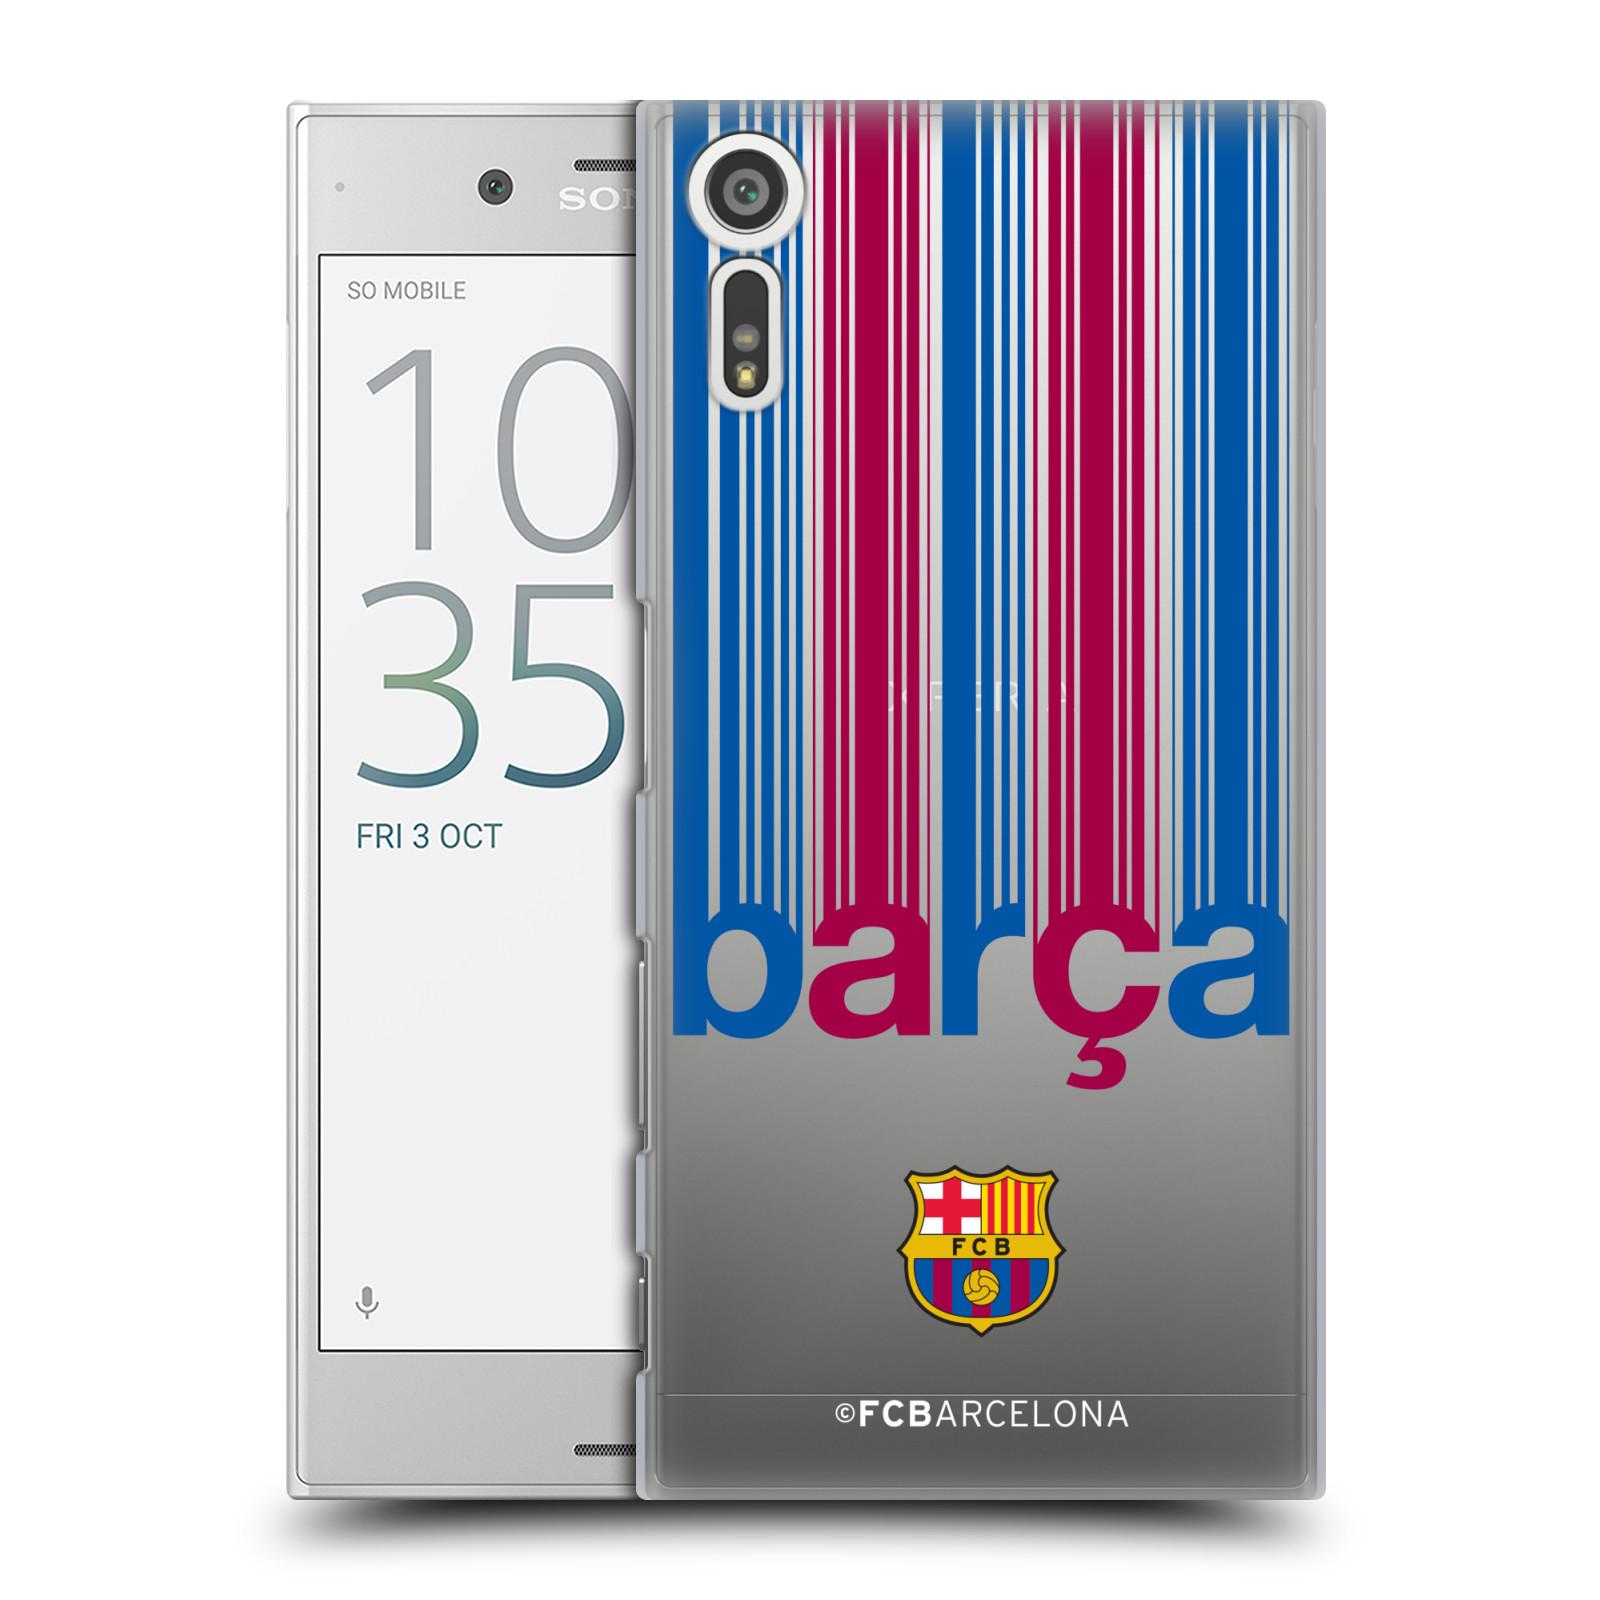 Plastové pouzdro na mobil Sony Xperia XZ - Head Case - FC Barcelona - Barca - čiré (Plastový kryt či obal na mobilní telefon s oficiálním licencovaným motivem FC Barcelona - Barca - čiré pro Sony Xperia XZ F8331 / Sony Xperia XZ Dual F8332)